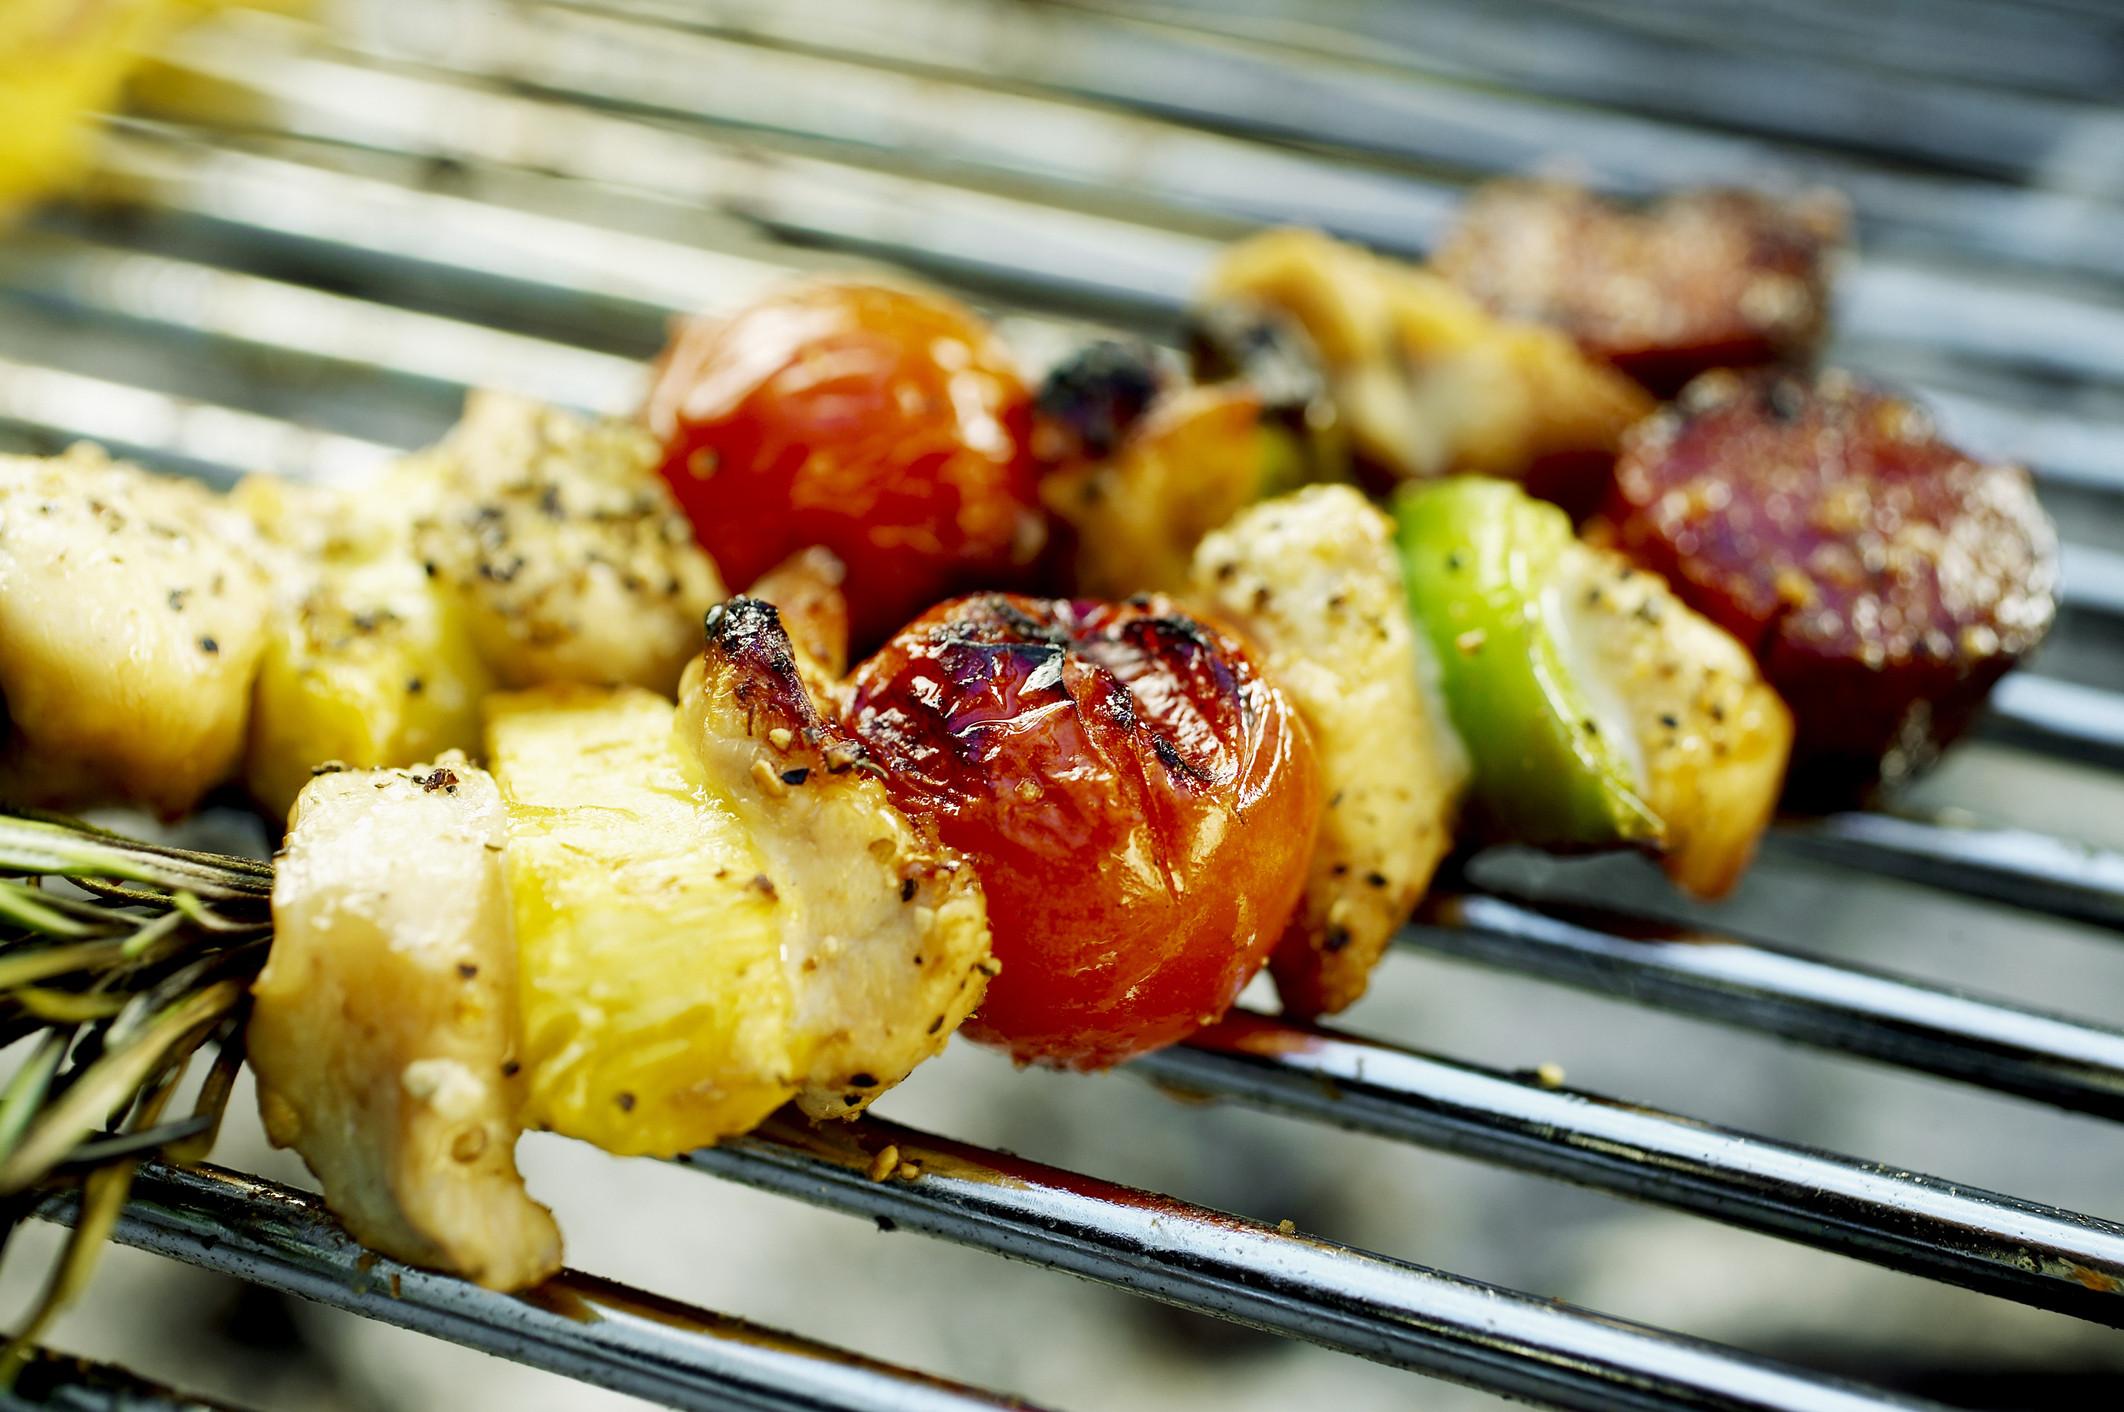 Шашлык из овощей на мангале или замашка на вегетарианскую кухню